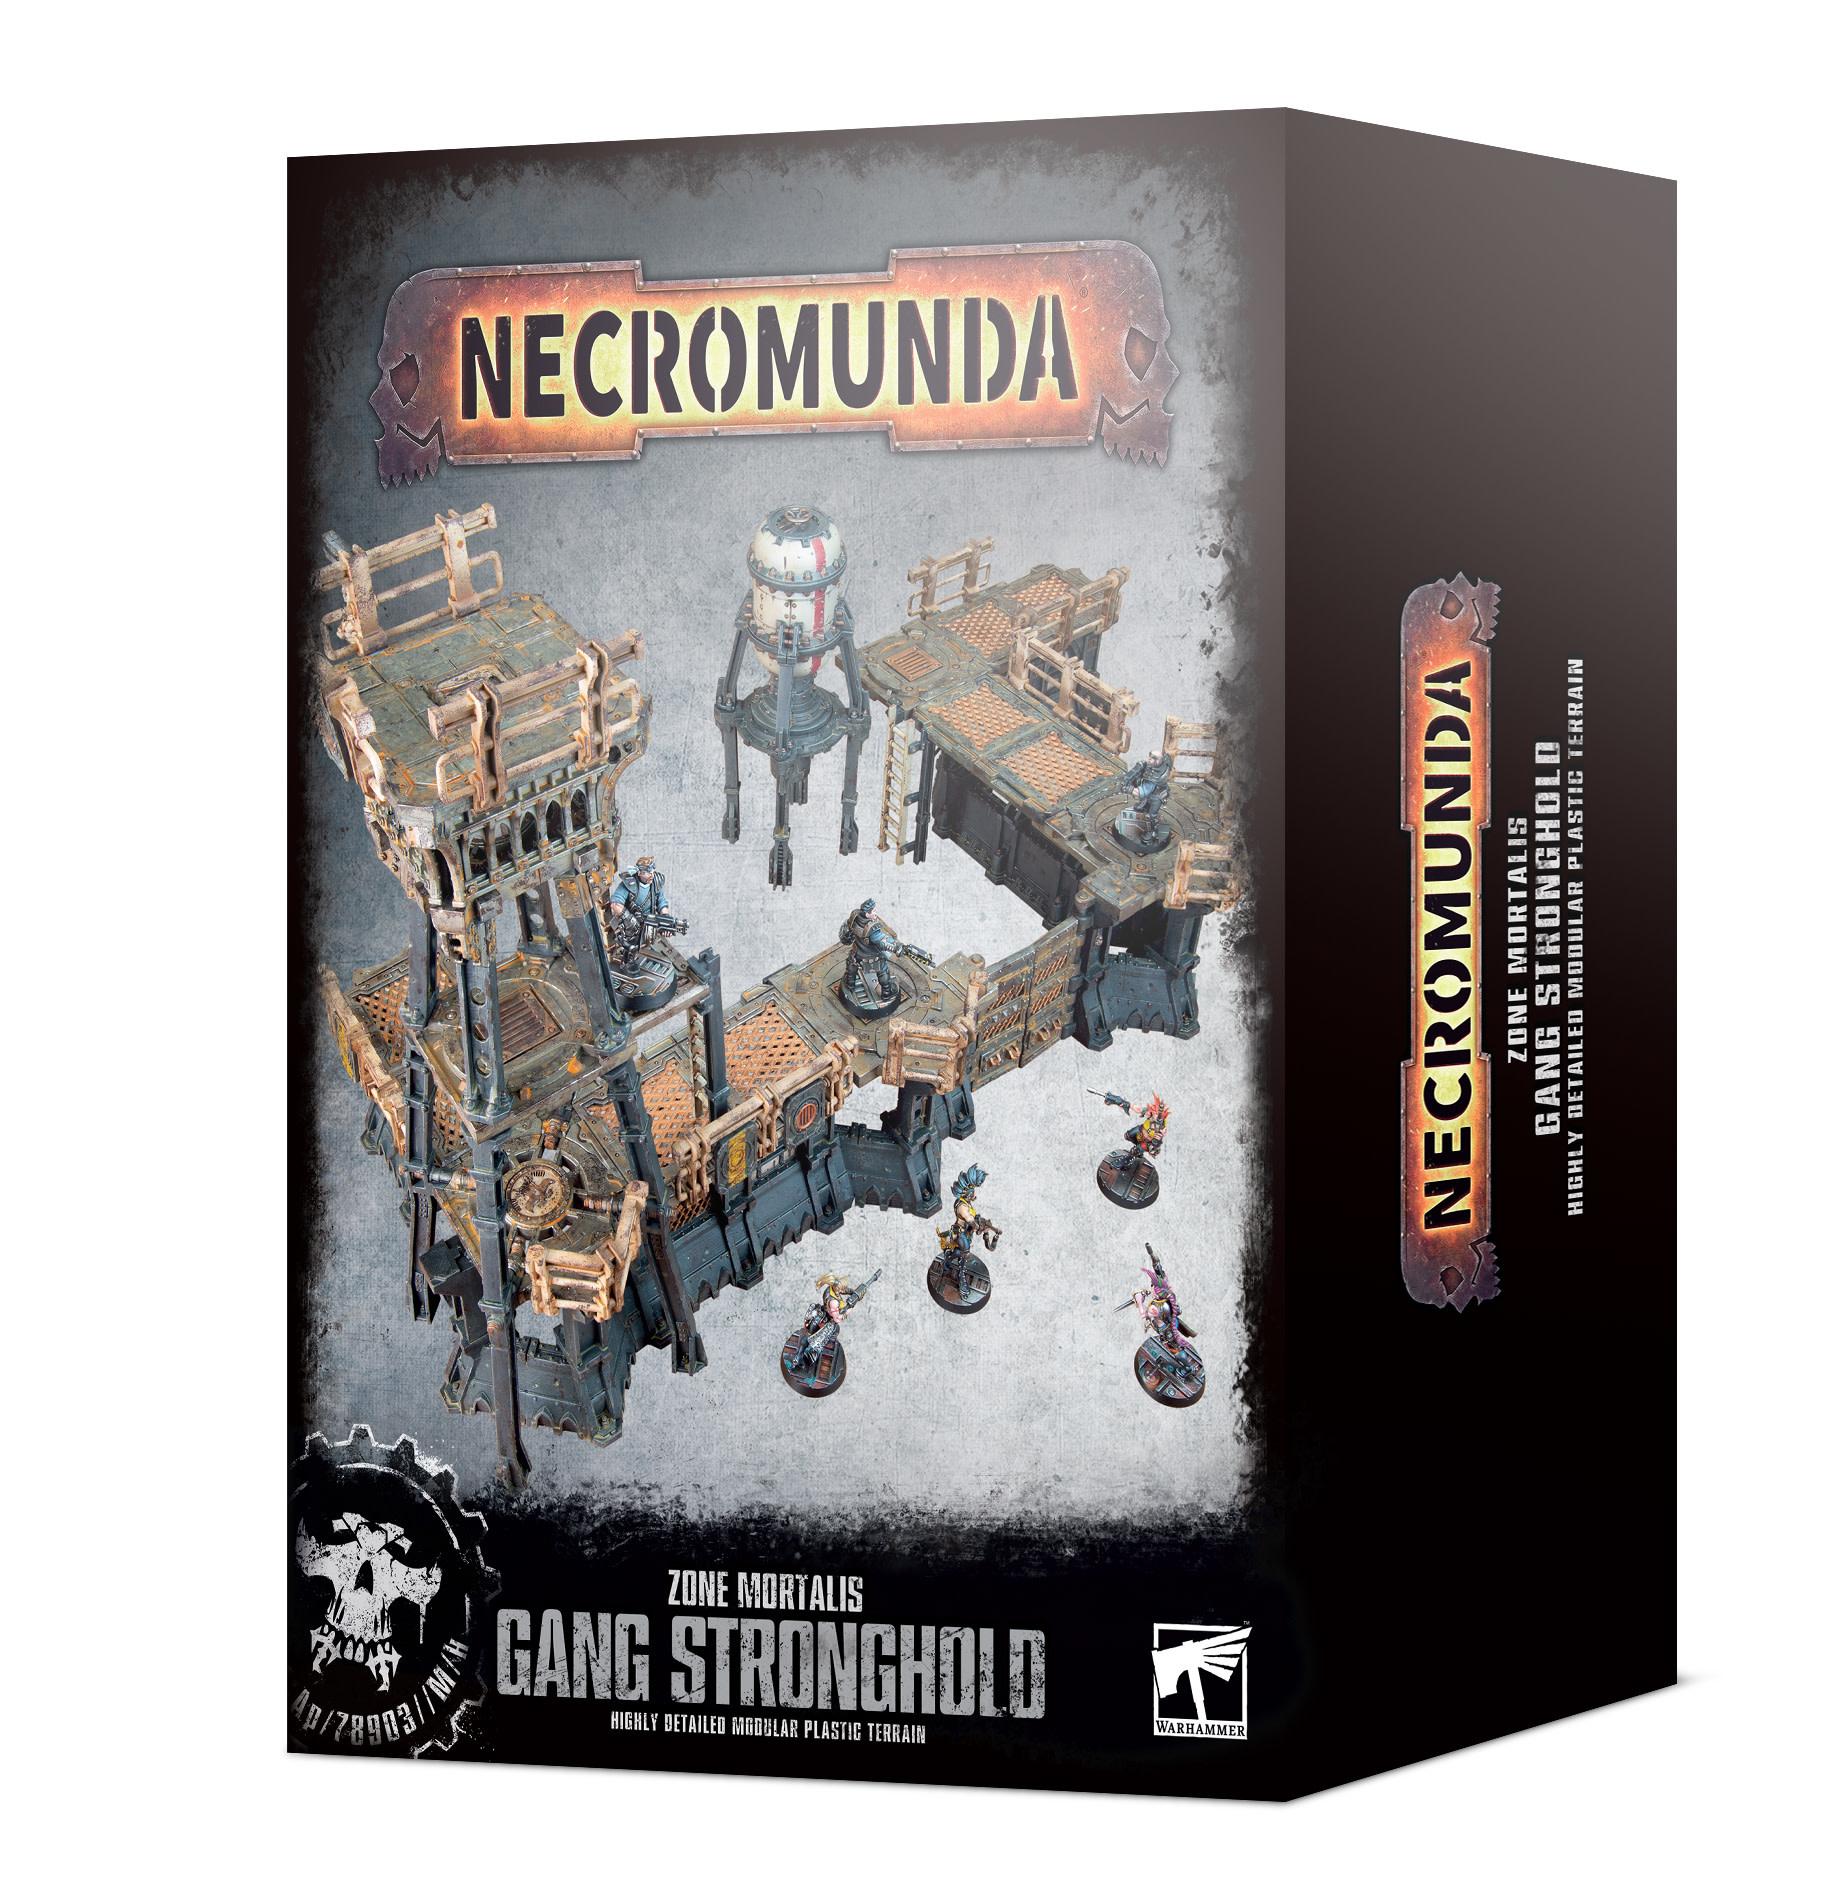 Games-Workshop Necromunda: Zone Mortalis Gang Stronghold